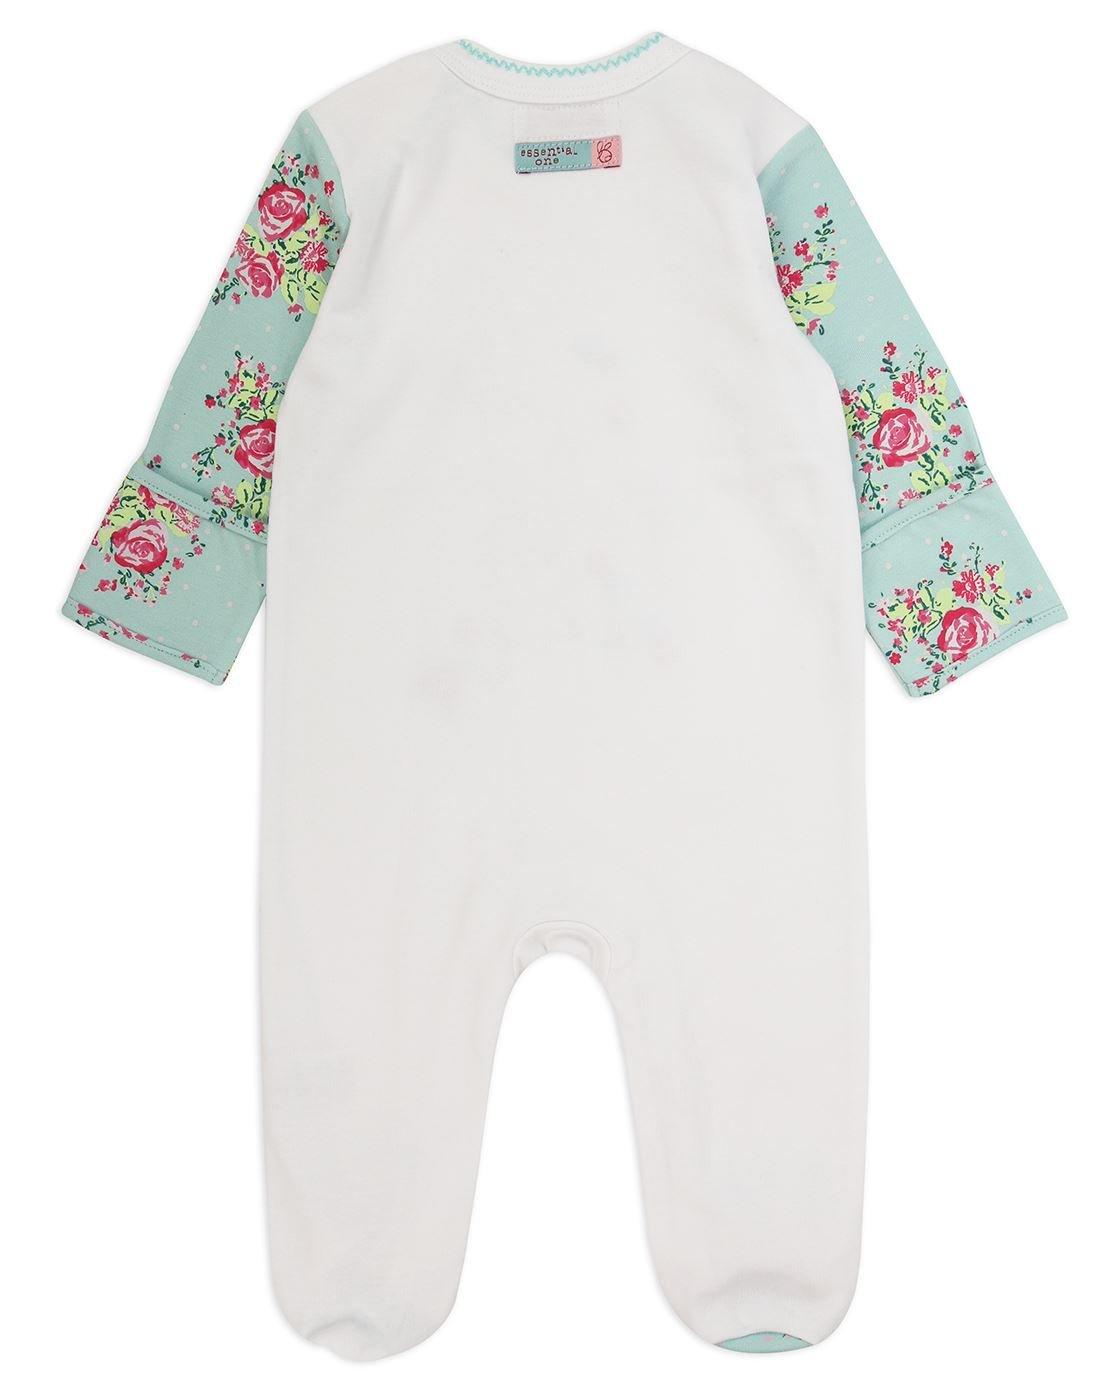 The Essential One – Bebé Niñas Floral Pijamas Tipo Pelele – Blanco/Turquesa – TESS20